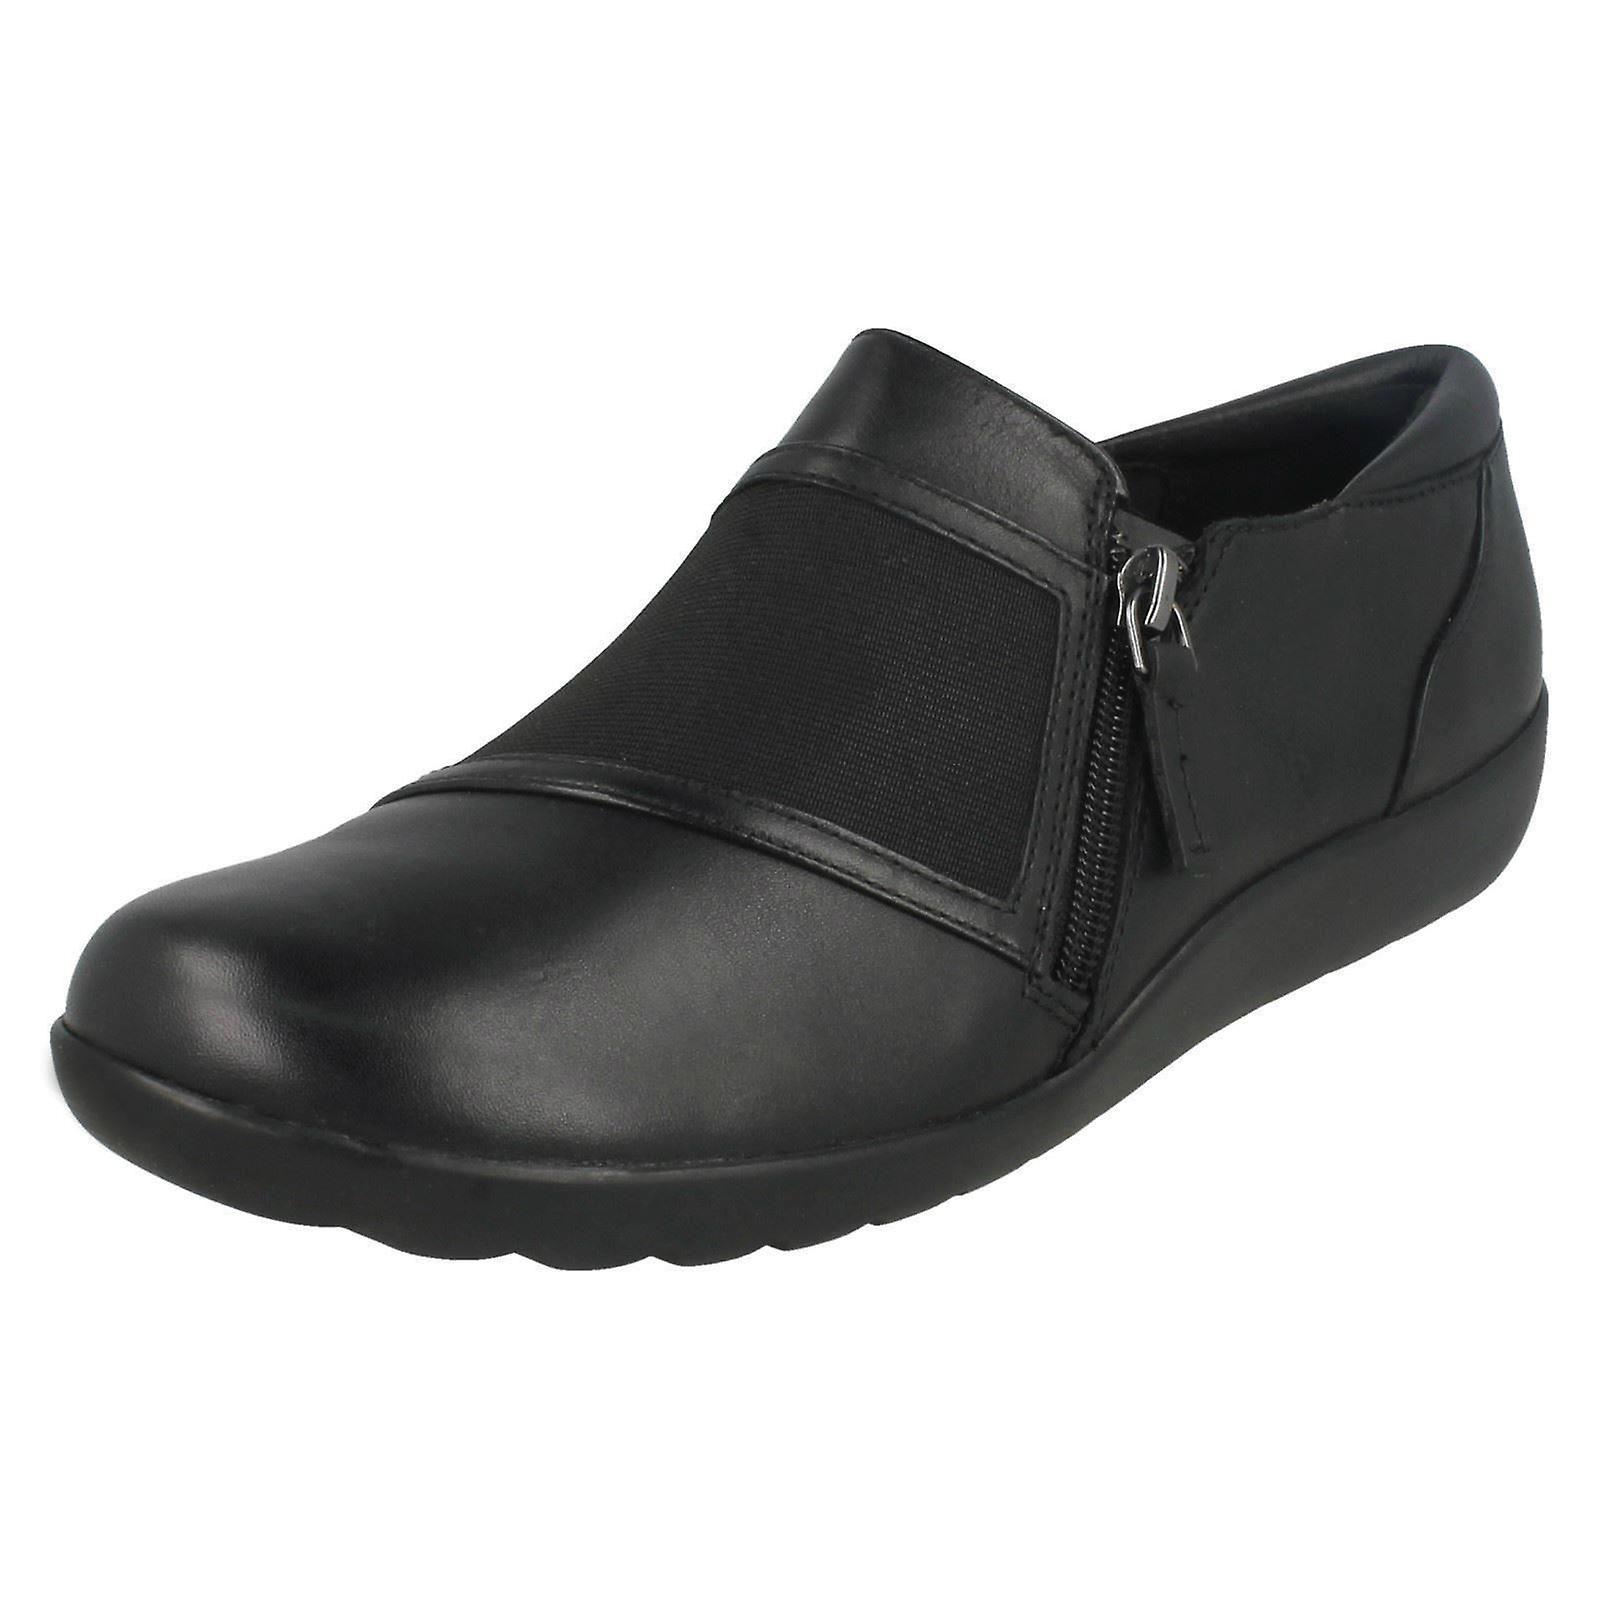 Clarks Ladies piatto scarpe Medora Gale